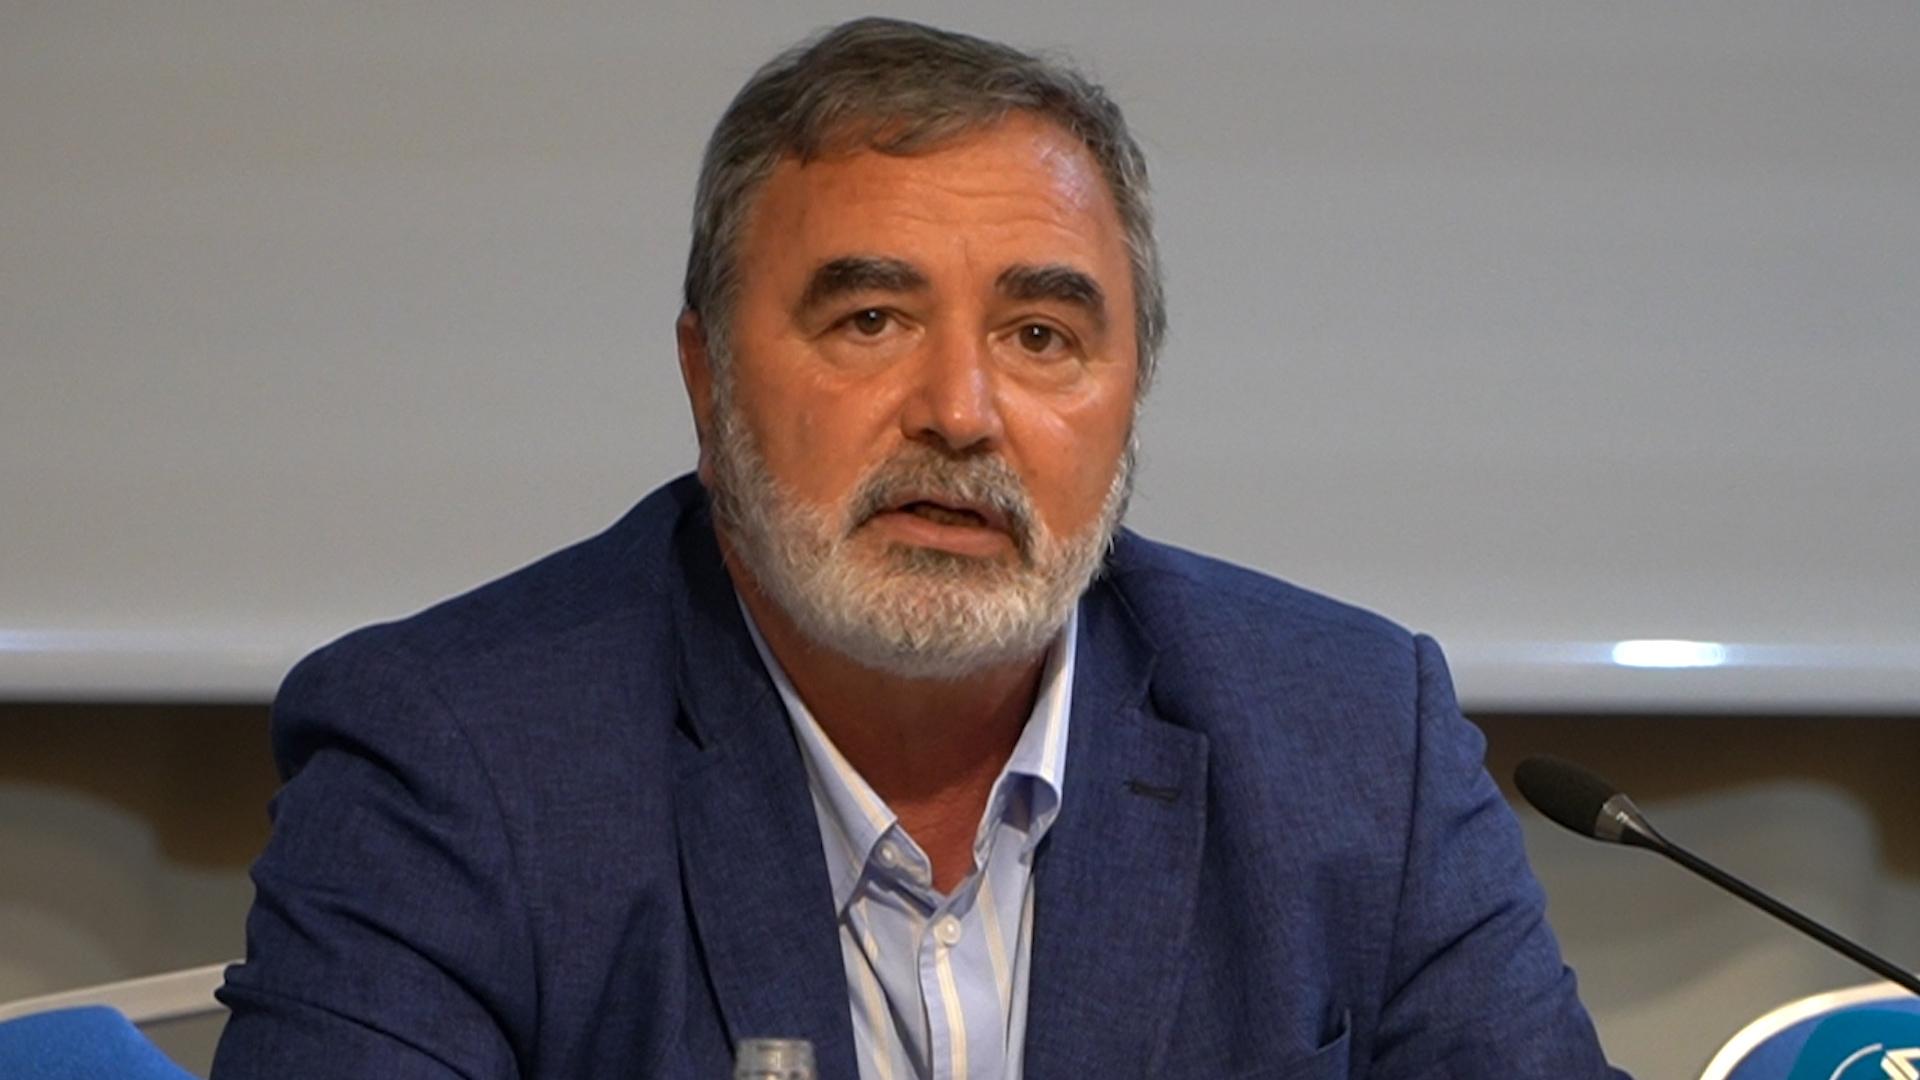 България иска пари от Европа за безплатни тестове за Covid-19 /ВИДЕО/